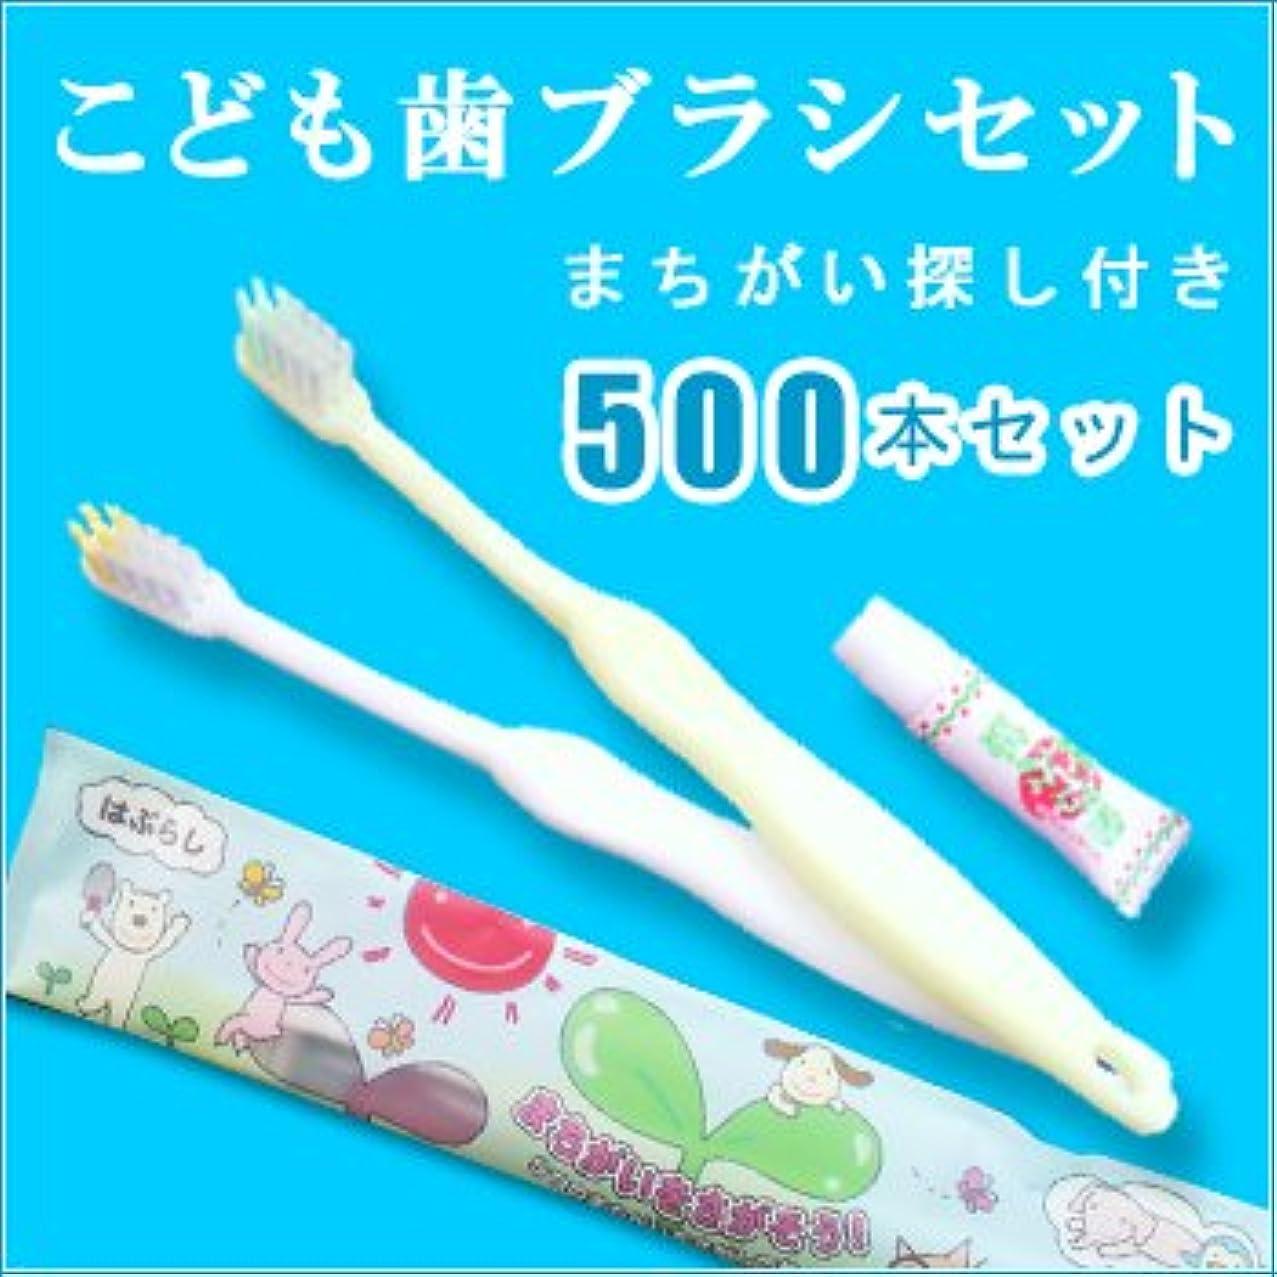 イノセンス議会熱心こども用歯ブラシ いちご味の歯磨き粉 3gチューブ付 ホワイト?イエロー2色アソート(1セット500本)1本当たり34円